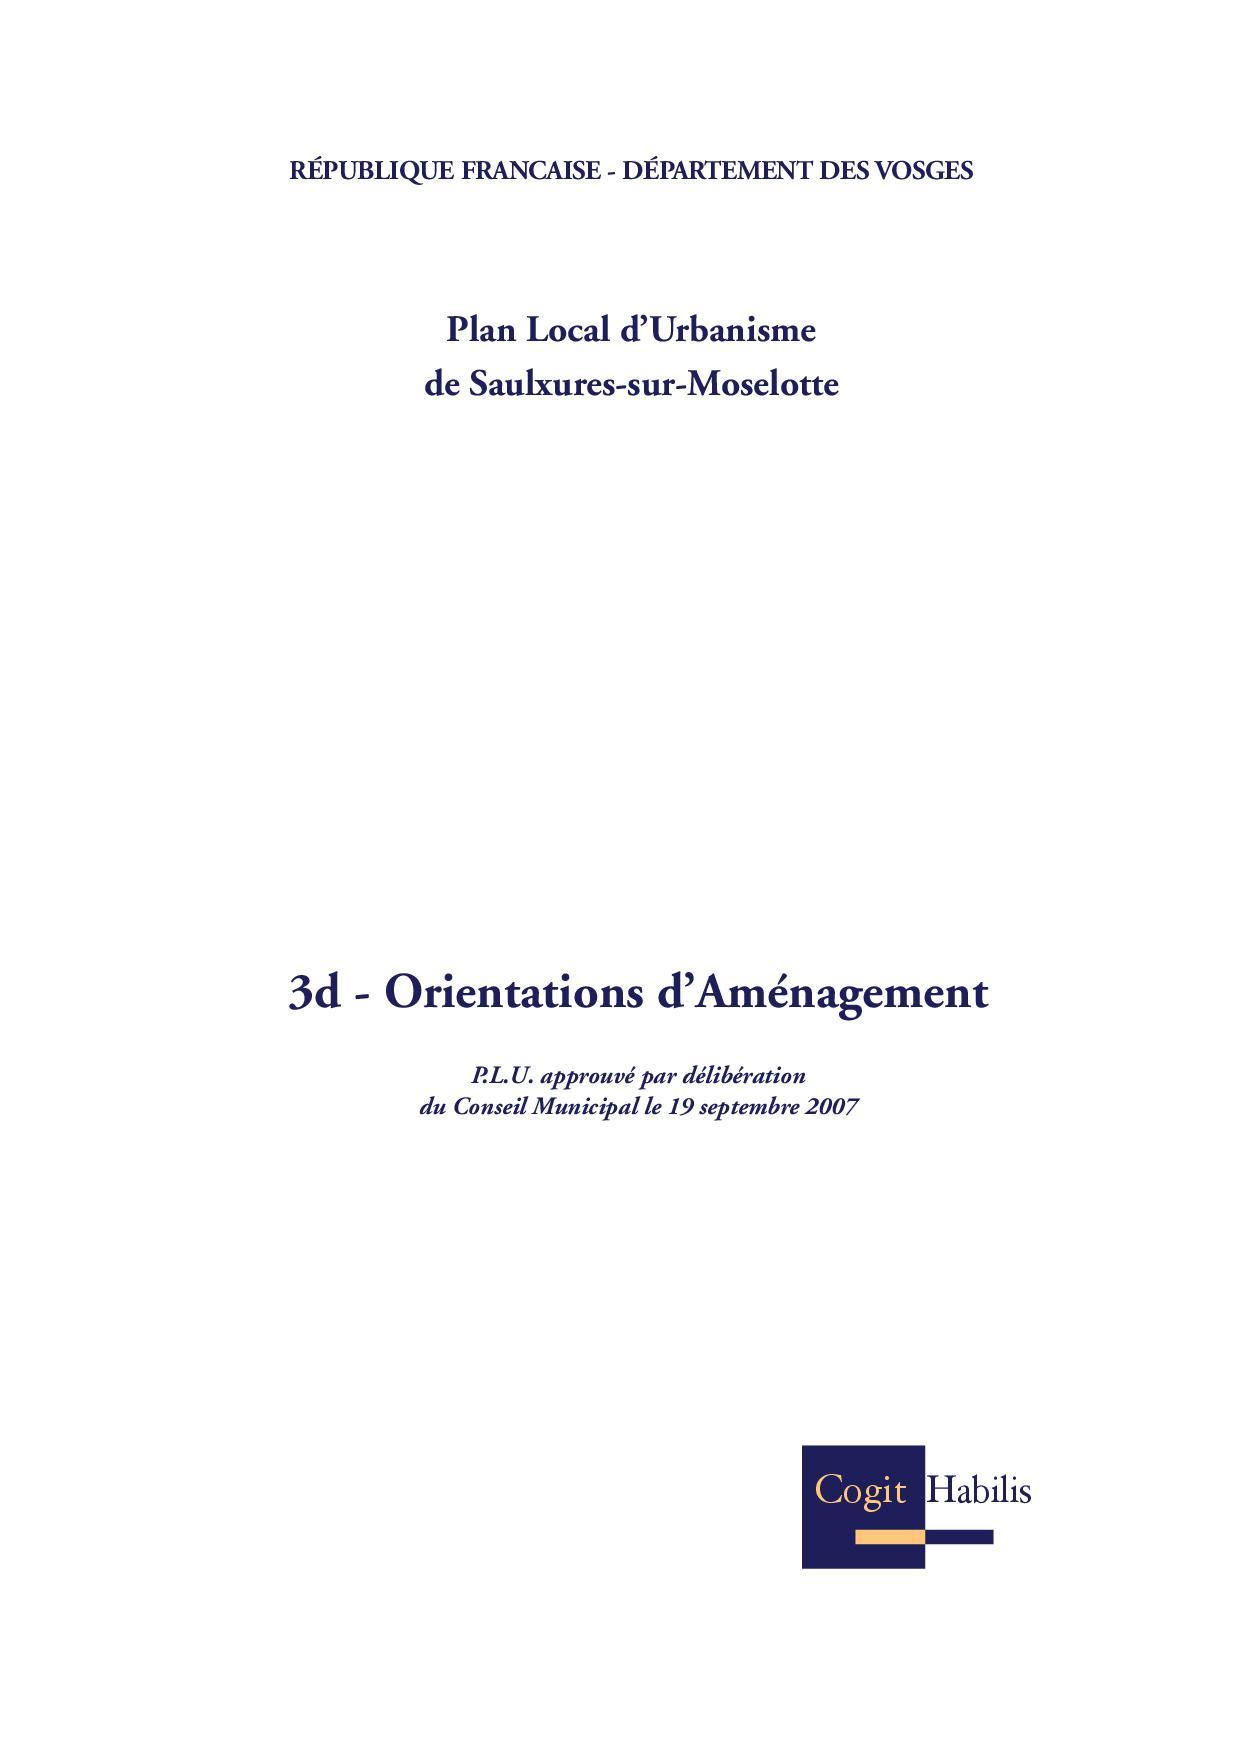 ORIENTATIONS D'AMENAGEMENT